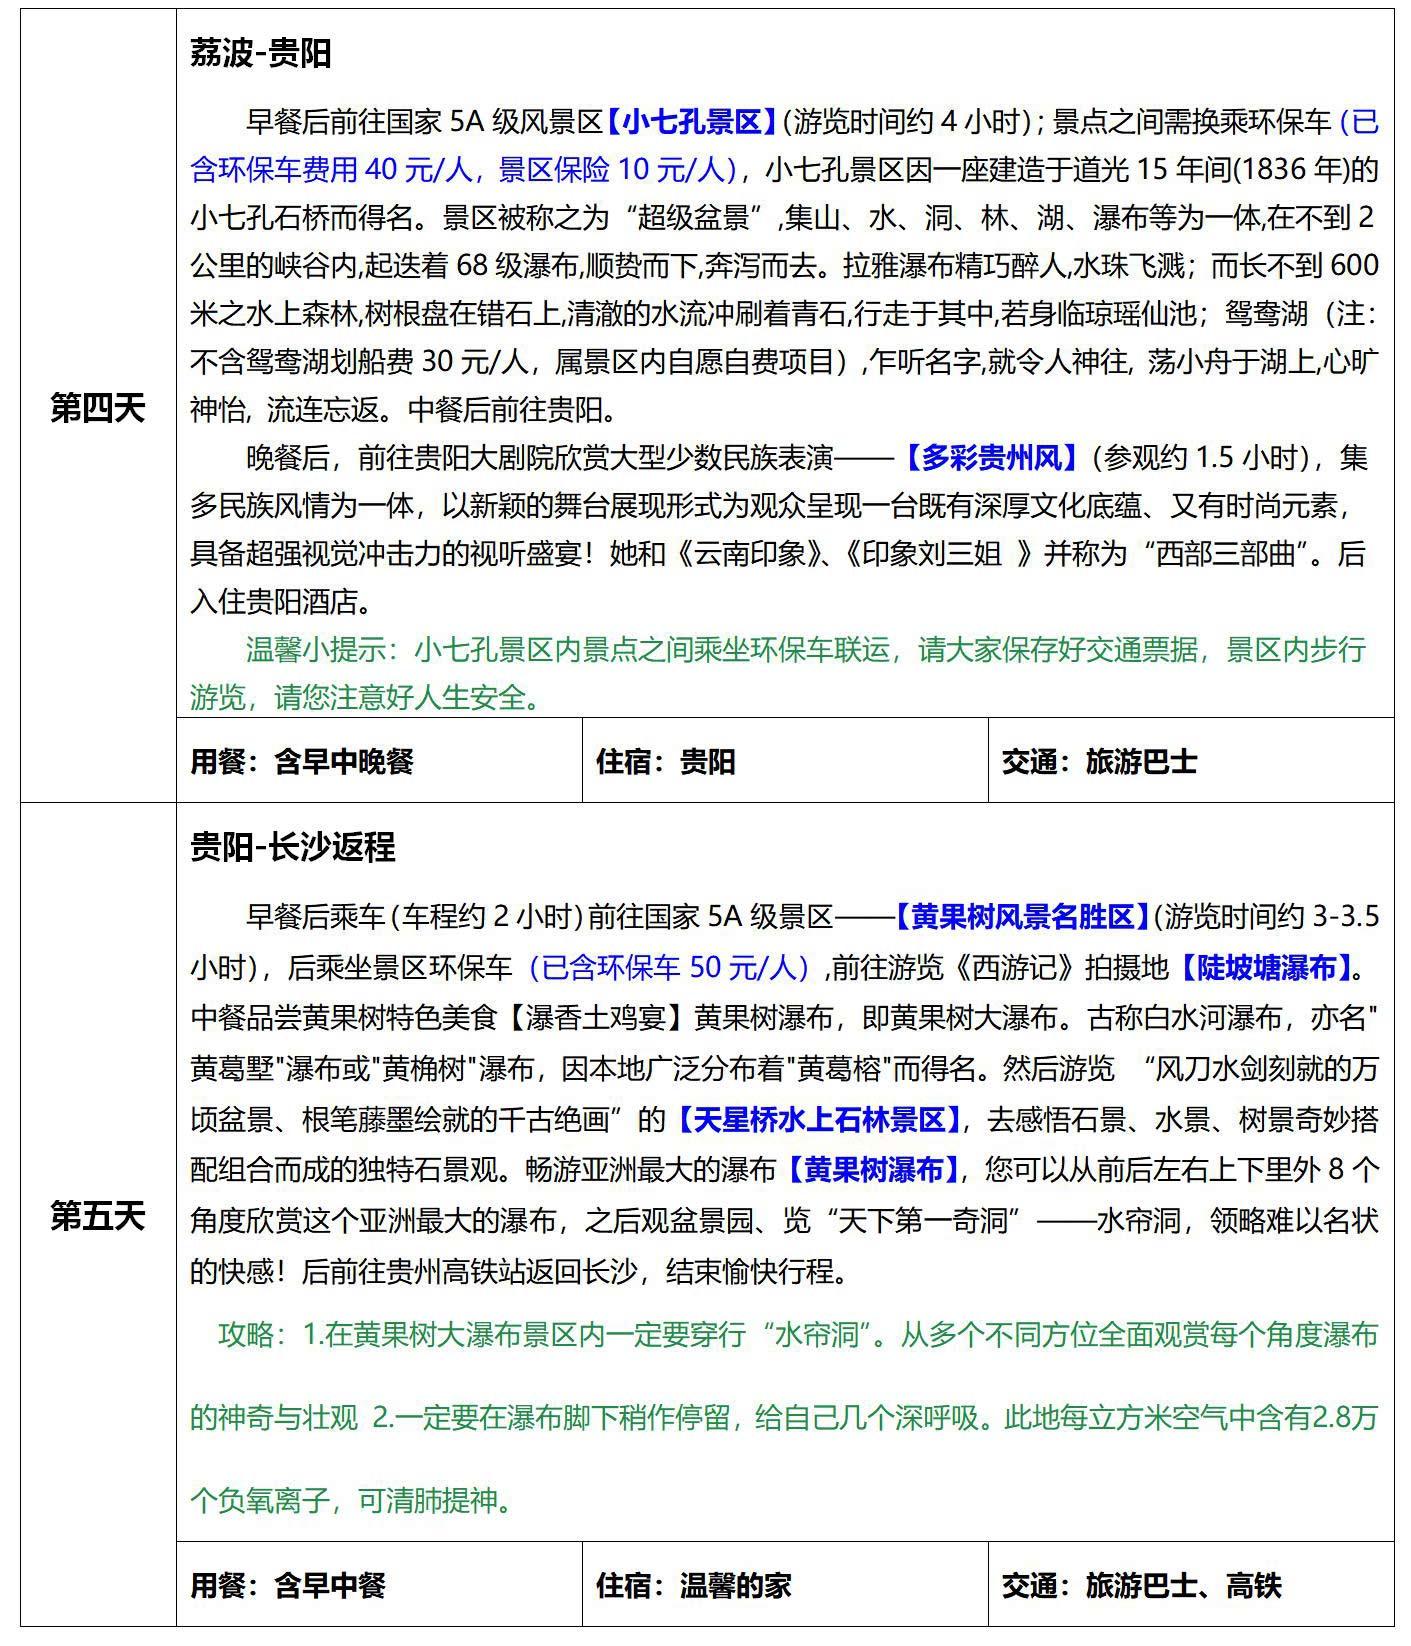 芳华正好-贵州多彩民族服装风采秀双高五日游A线